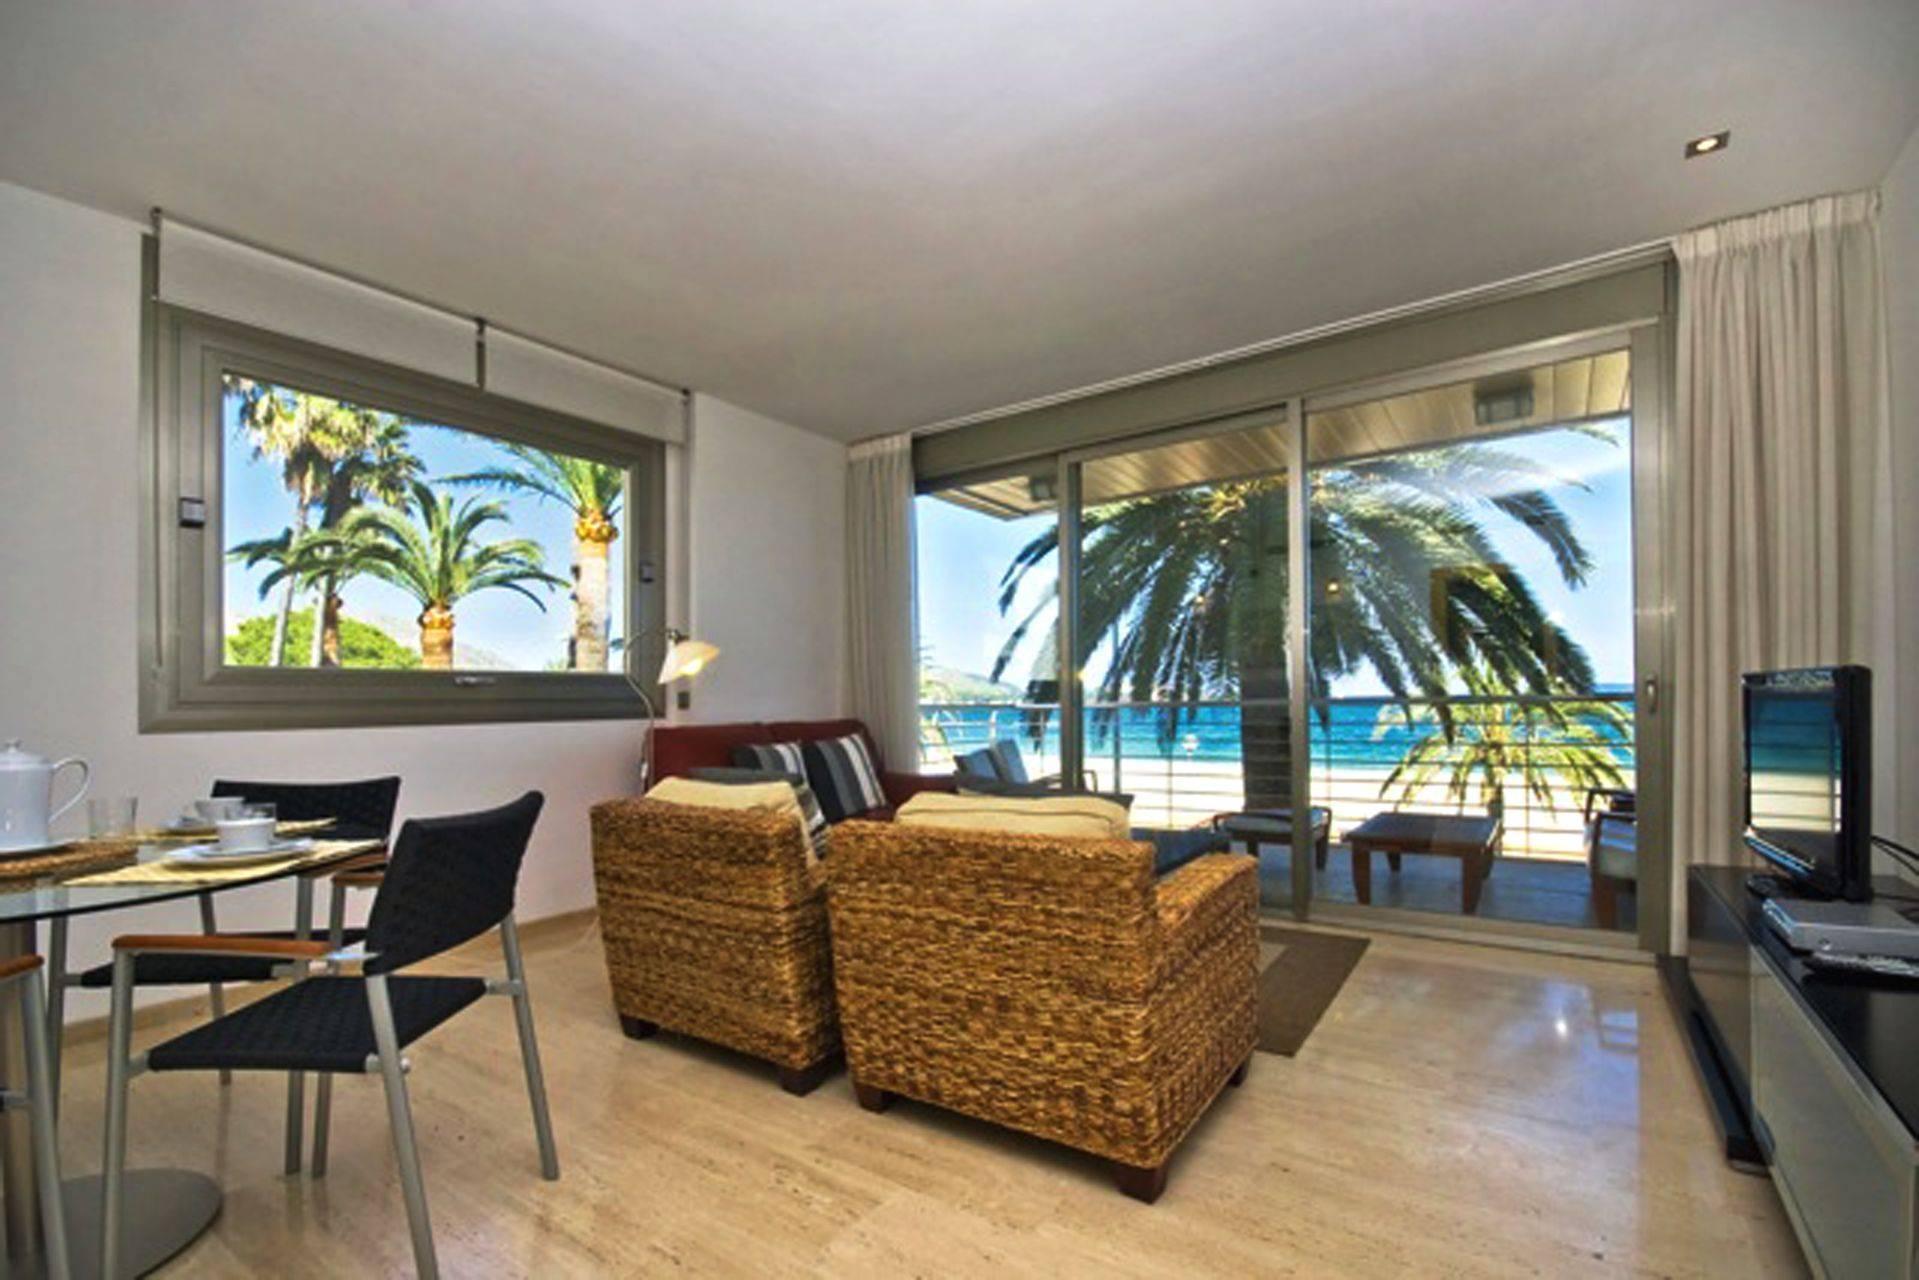 01-202  Moderne Ferienwohnung Mallorca Norden Bild 6